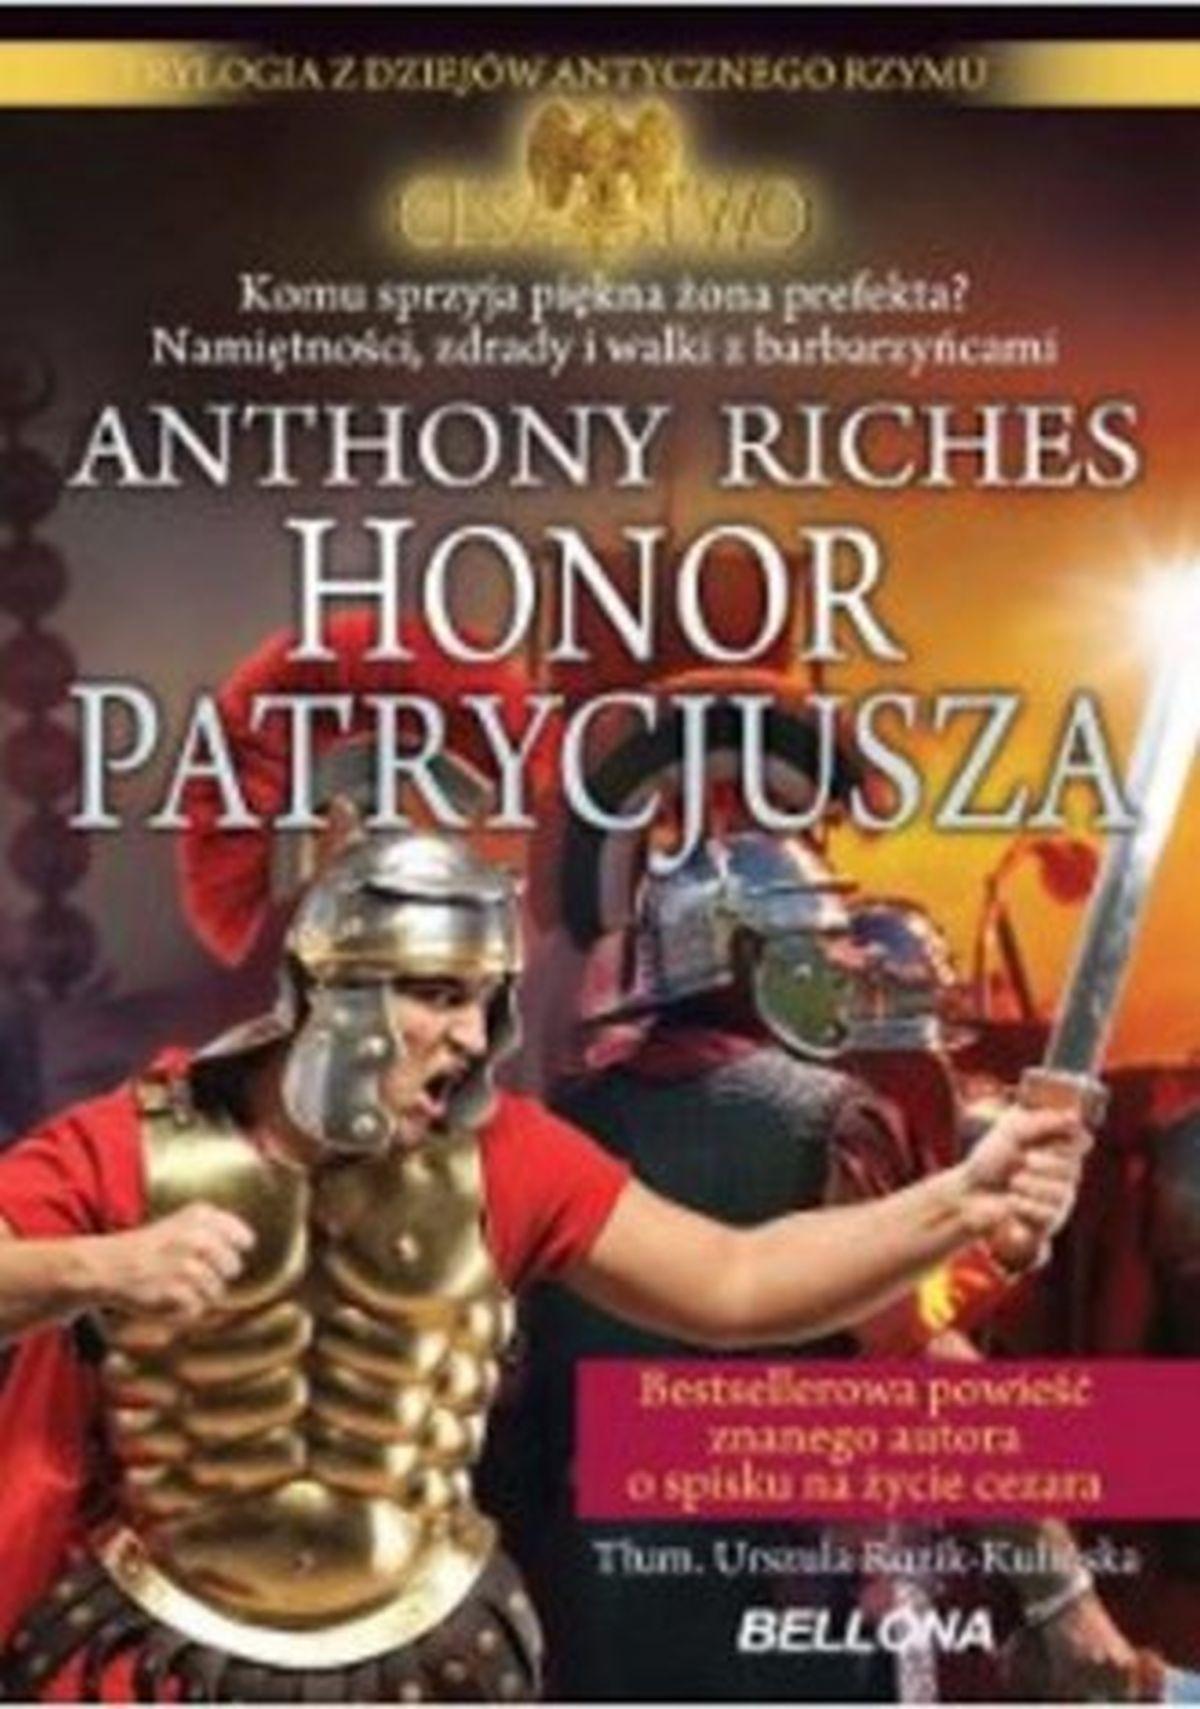 Honor Patrycjusza